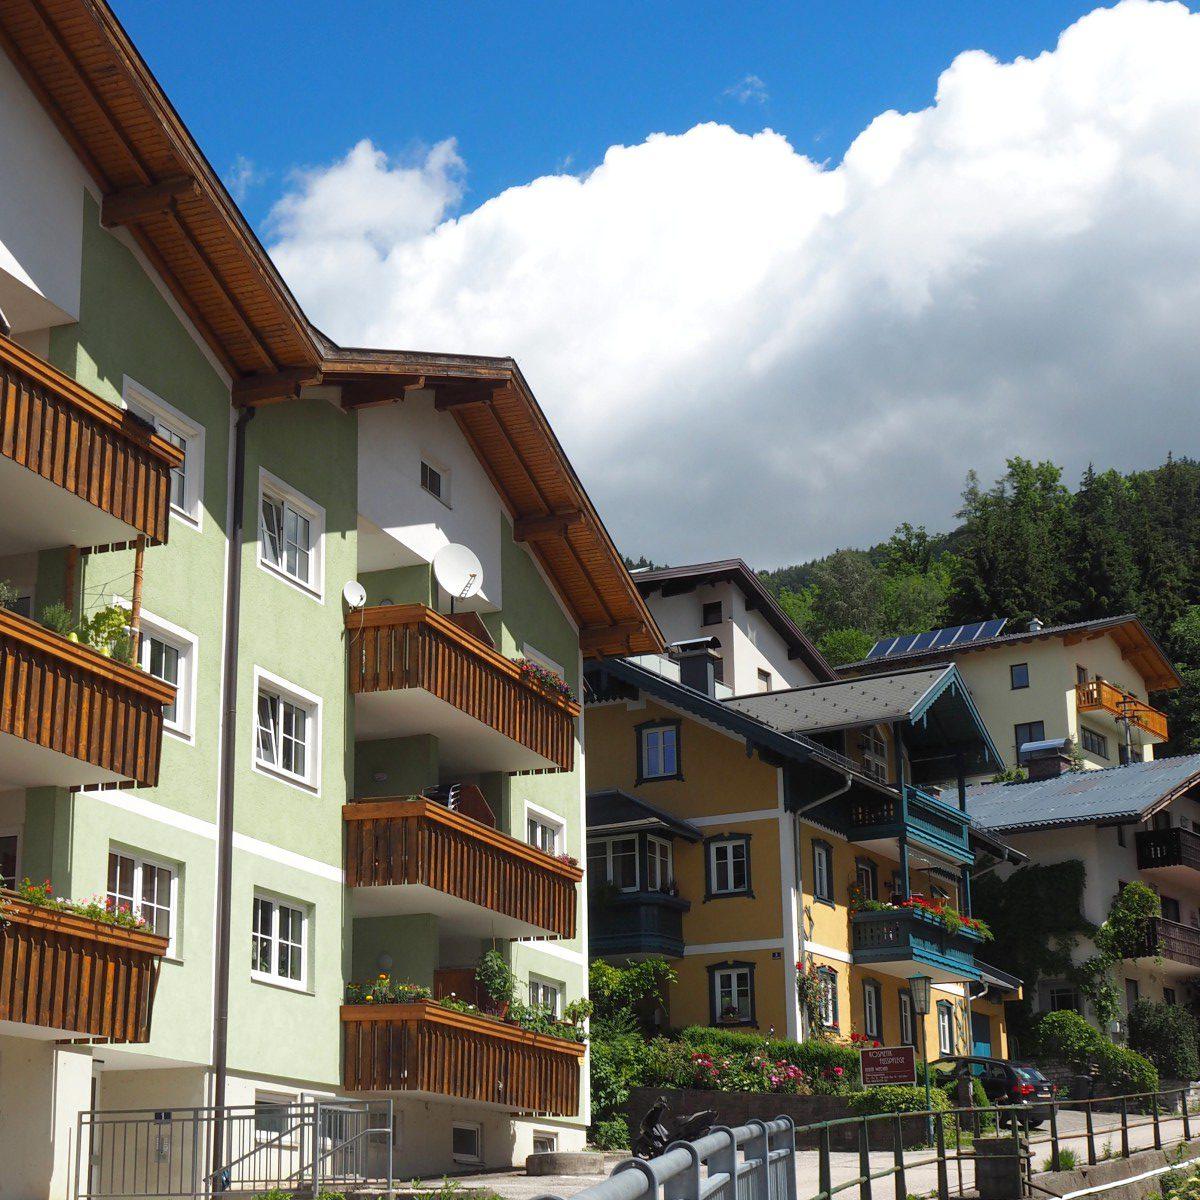 Häuser in Mondsee.